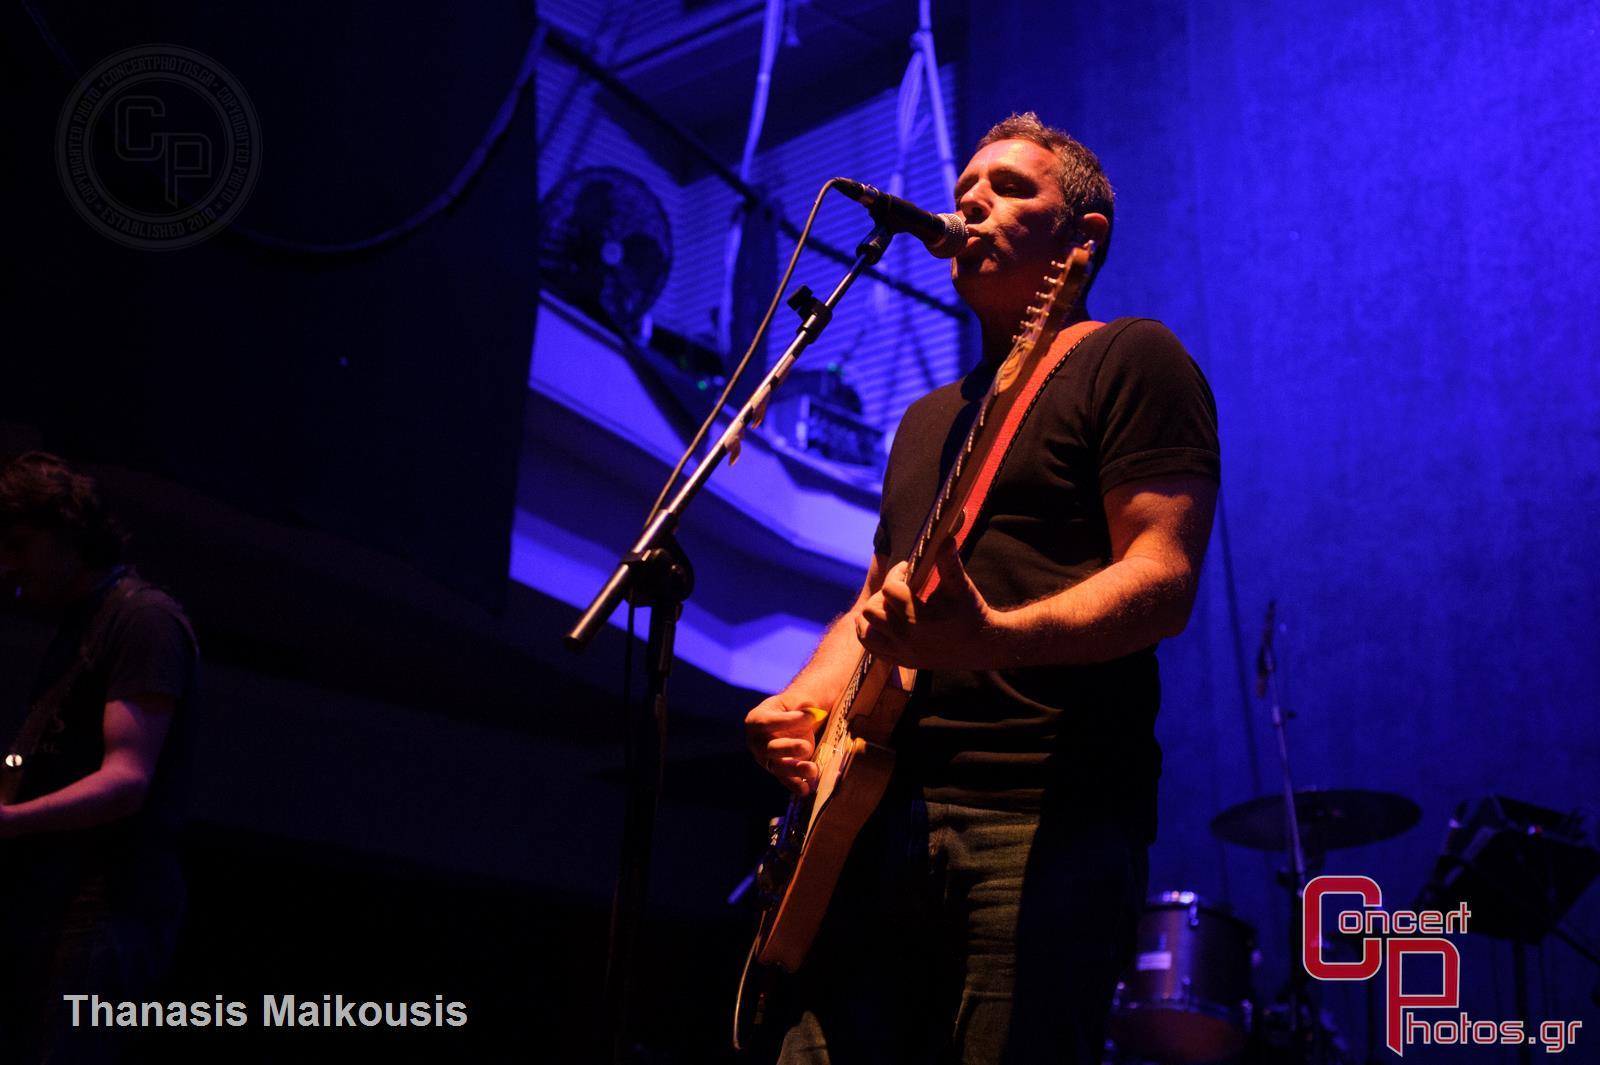 Παύλος Παυλίδης-Pavlidis-stage-volume1 photographer: Thanasis Maikousis - concertphotos_20140611_21_47_40